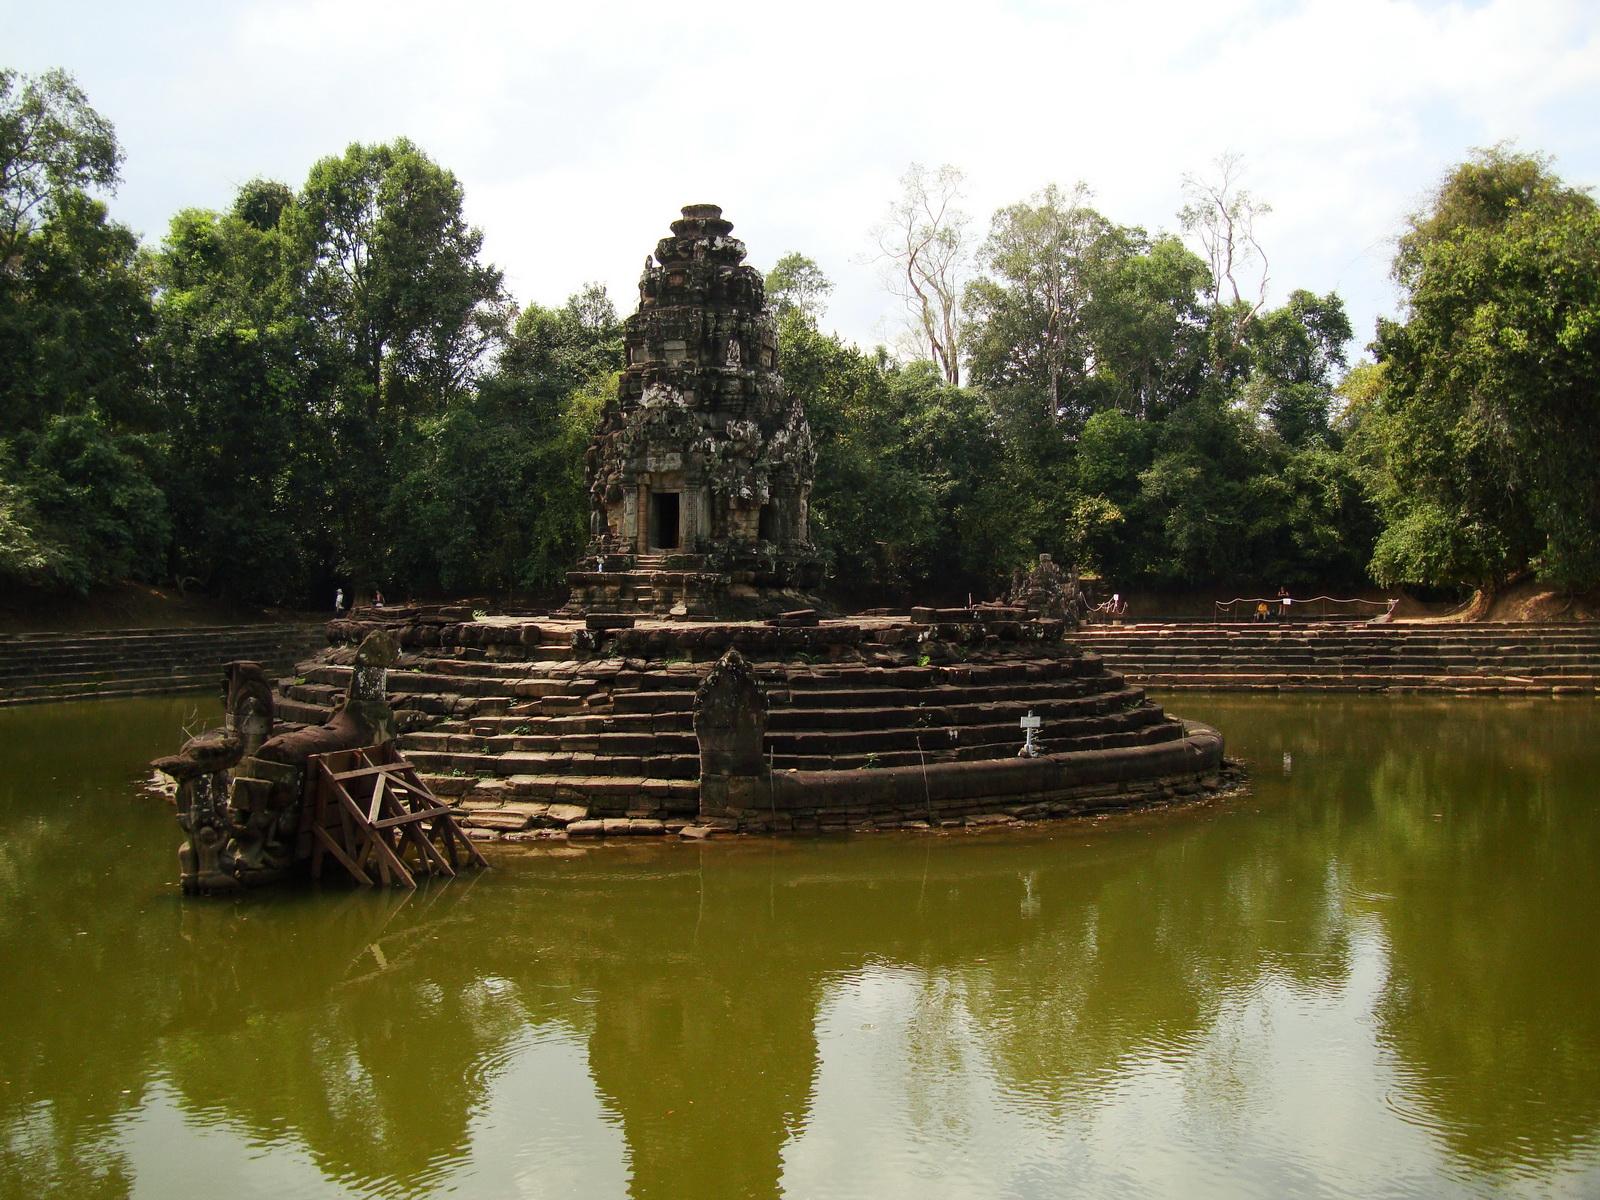 Neak Pean Temple sanctuary and artificial pond 09